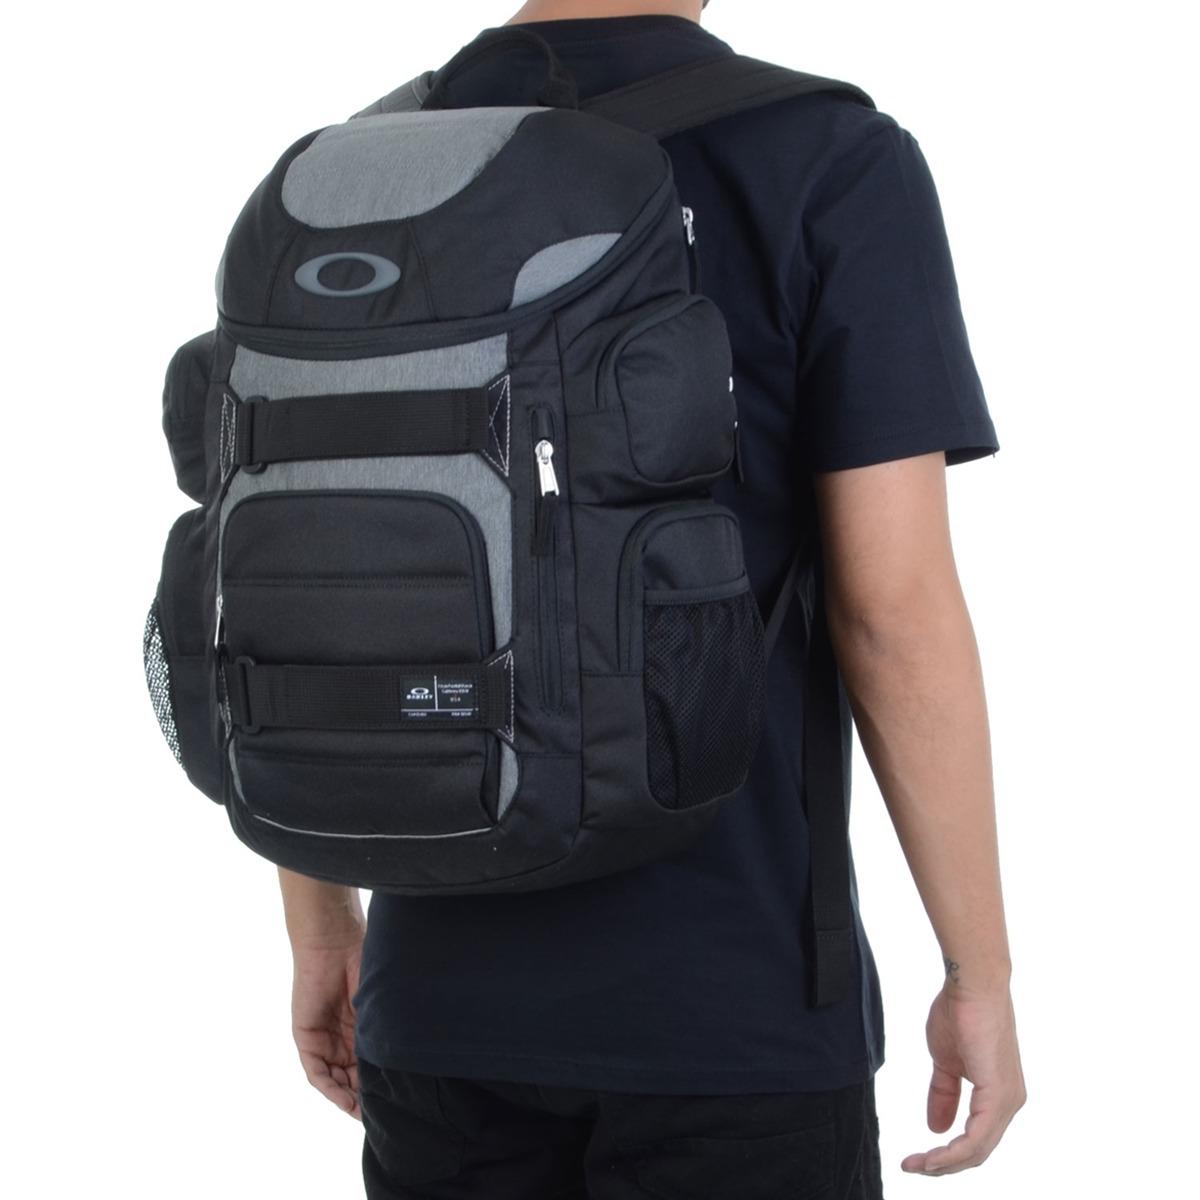 mochila masculina oakley enduro 30l preta. Carregando zoom. ca4ea12cdc3